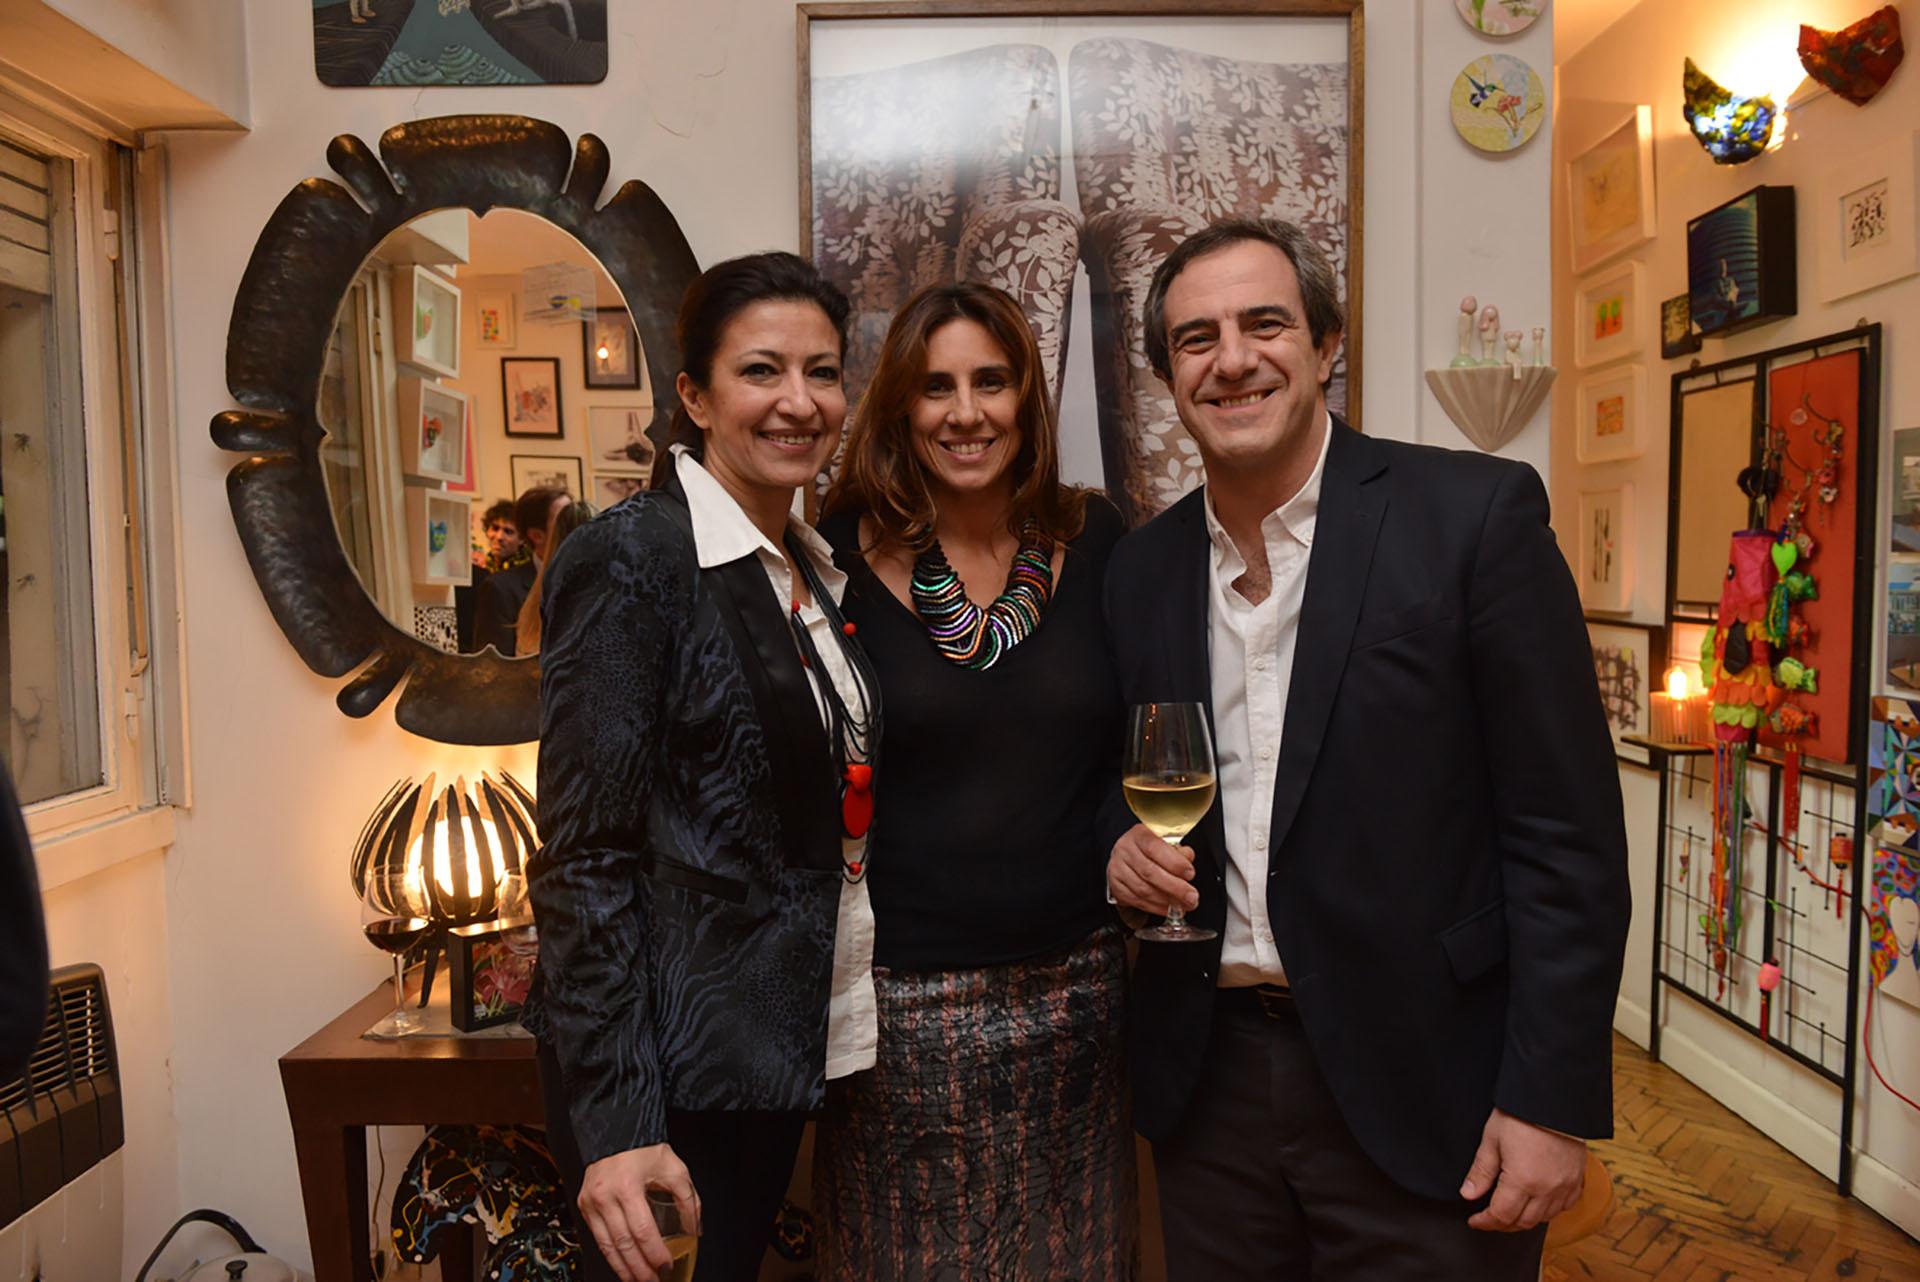 La arquitecta Victoria Baeza, la empresaria Carla Berbanas y el gerente de prensa del Banco Central, Fernando Meaños